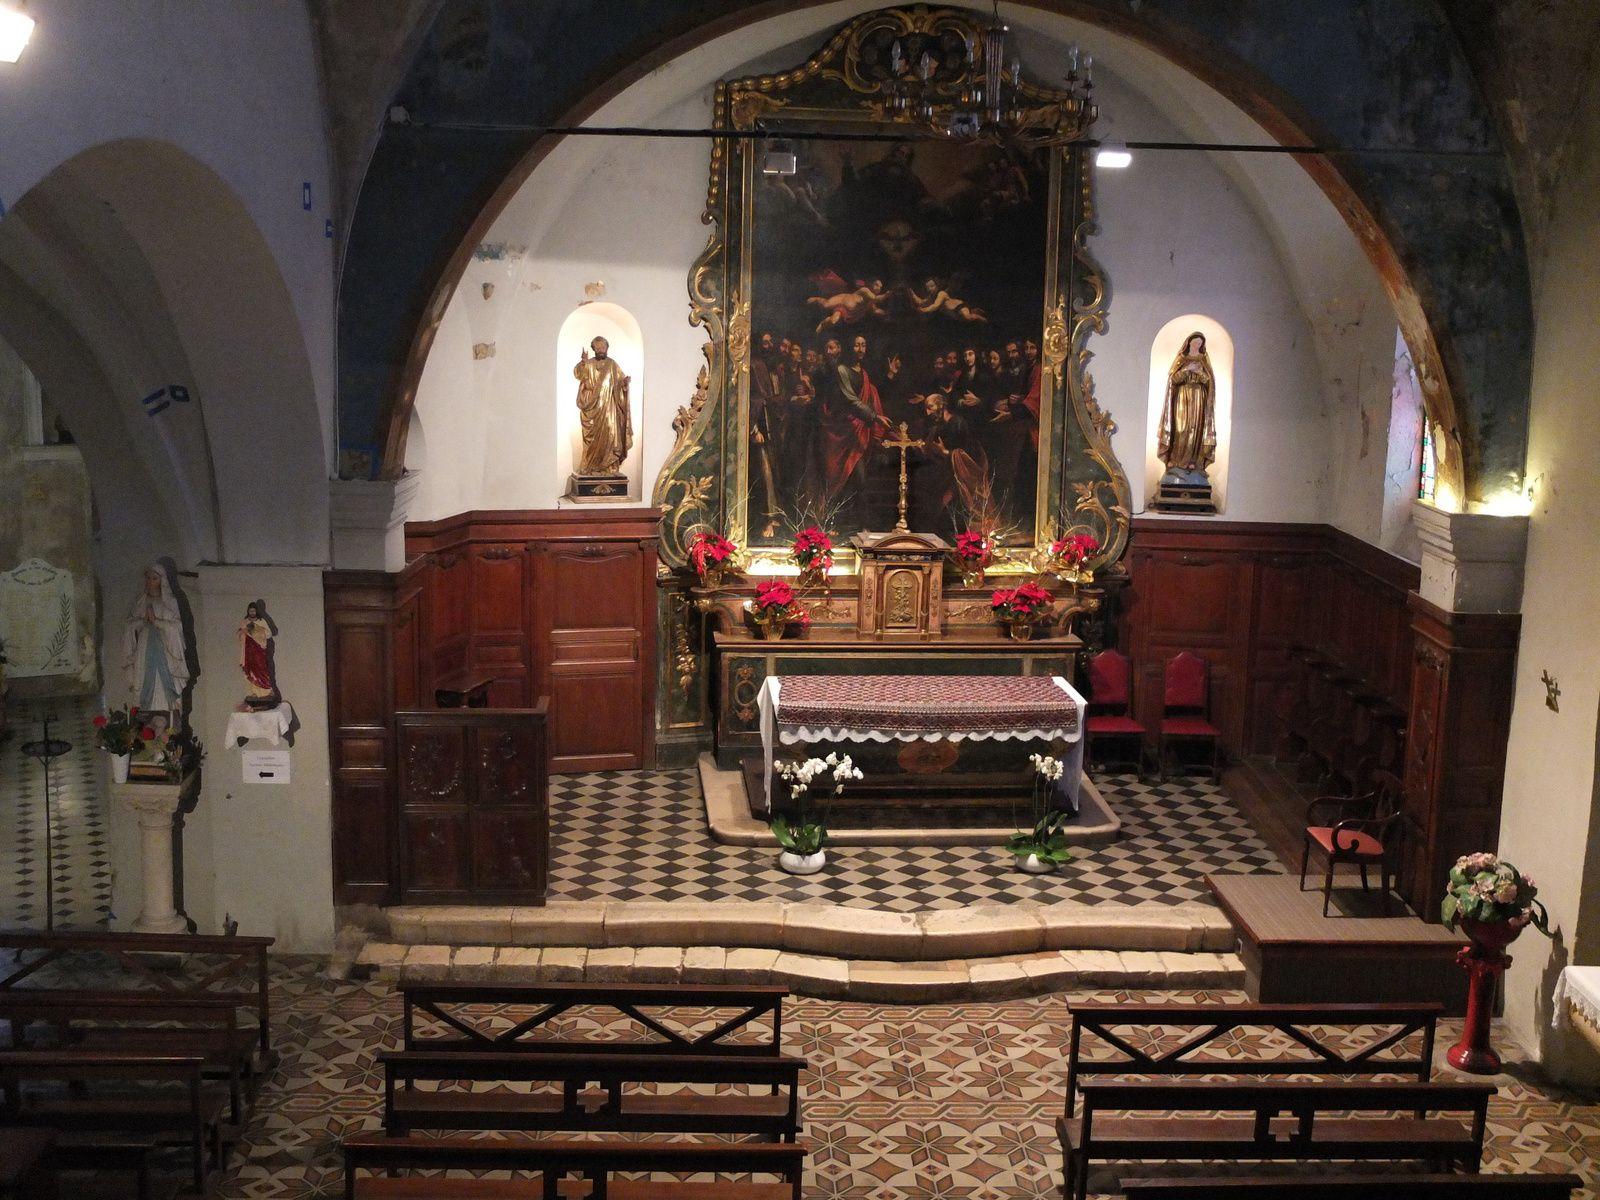 Le maître-autel et une peinture du XVIIIe siècle qui  représente la remise des clés à saint Pierre.